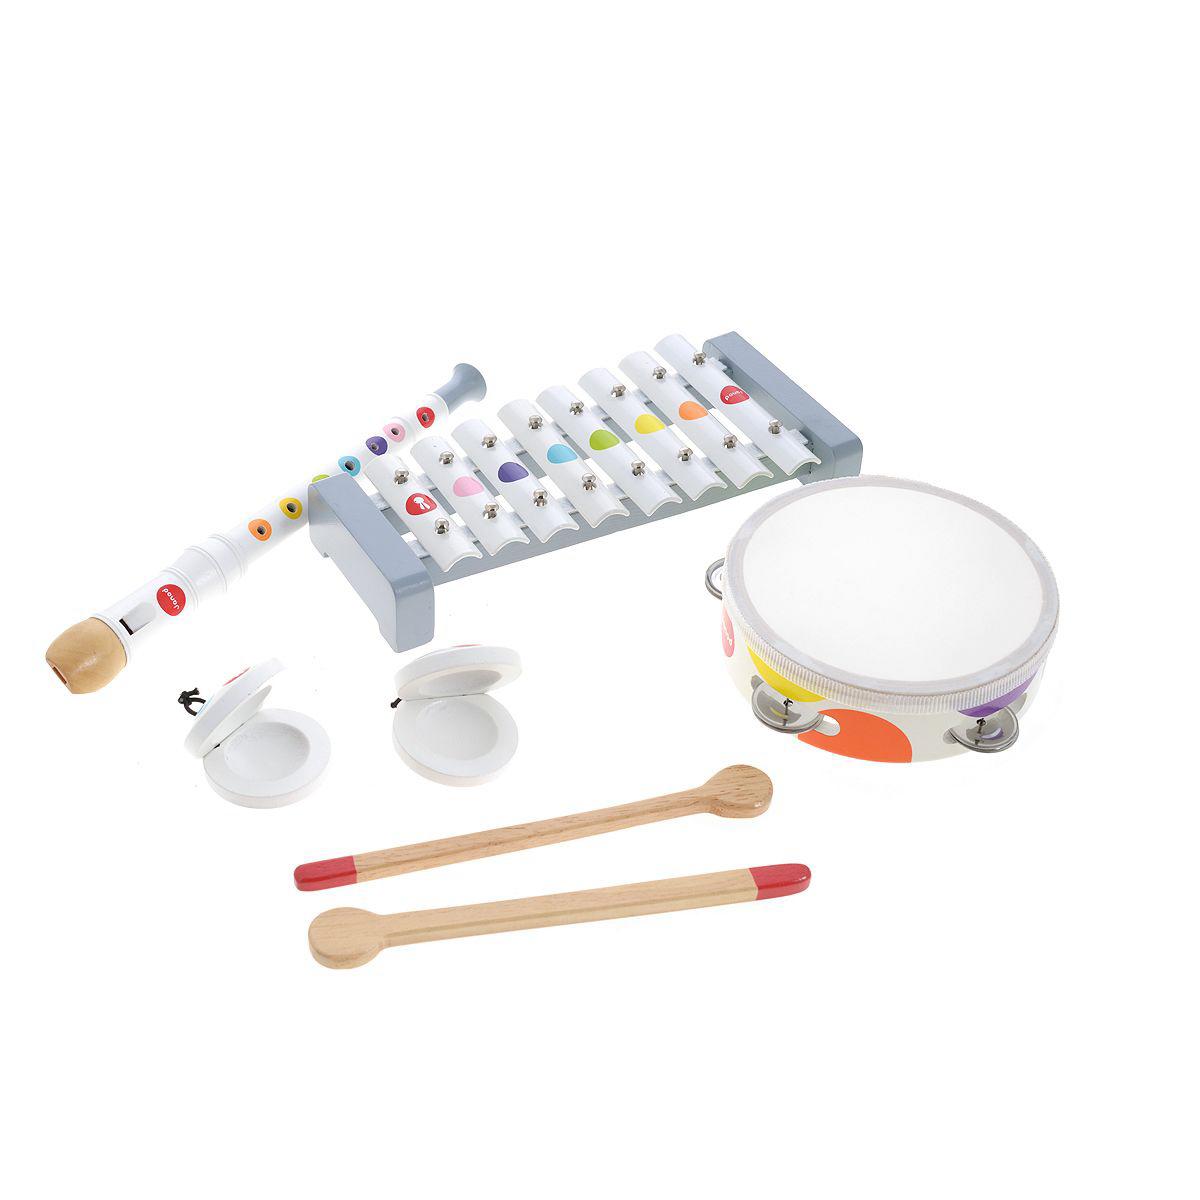 Набор белых музыкальных инструментов - металлофон, флейта, бубен, кастаньетыМузыкальные наборы<br>Набор белых музыкальных инструментов - металлофон, флейта, бубен, кастаньеты<br>